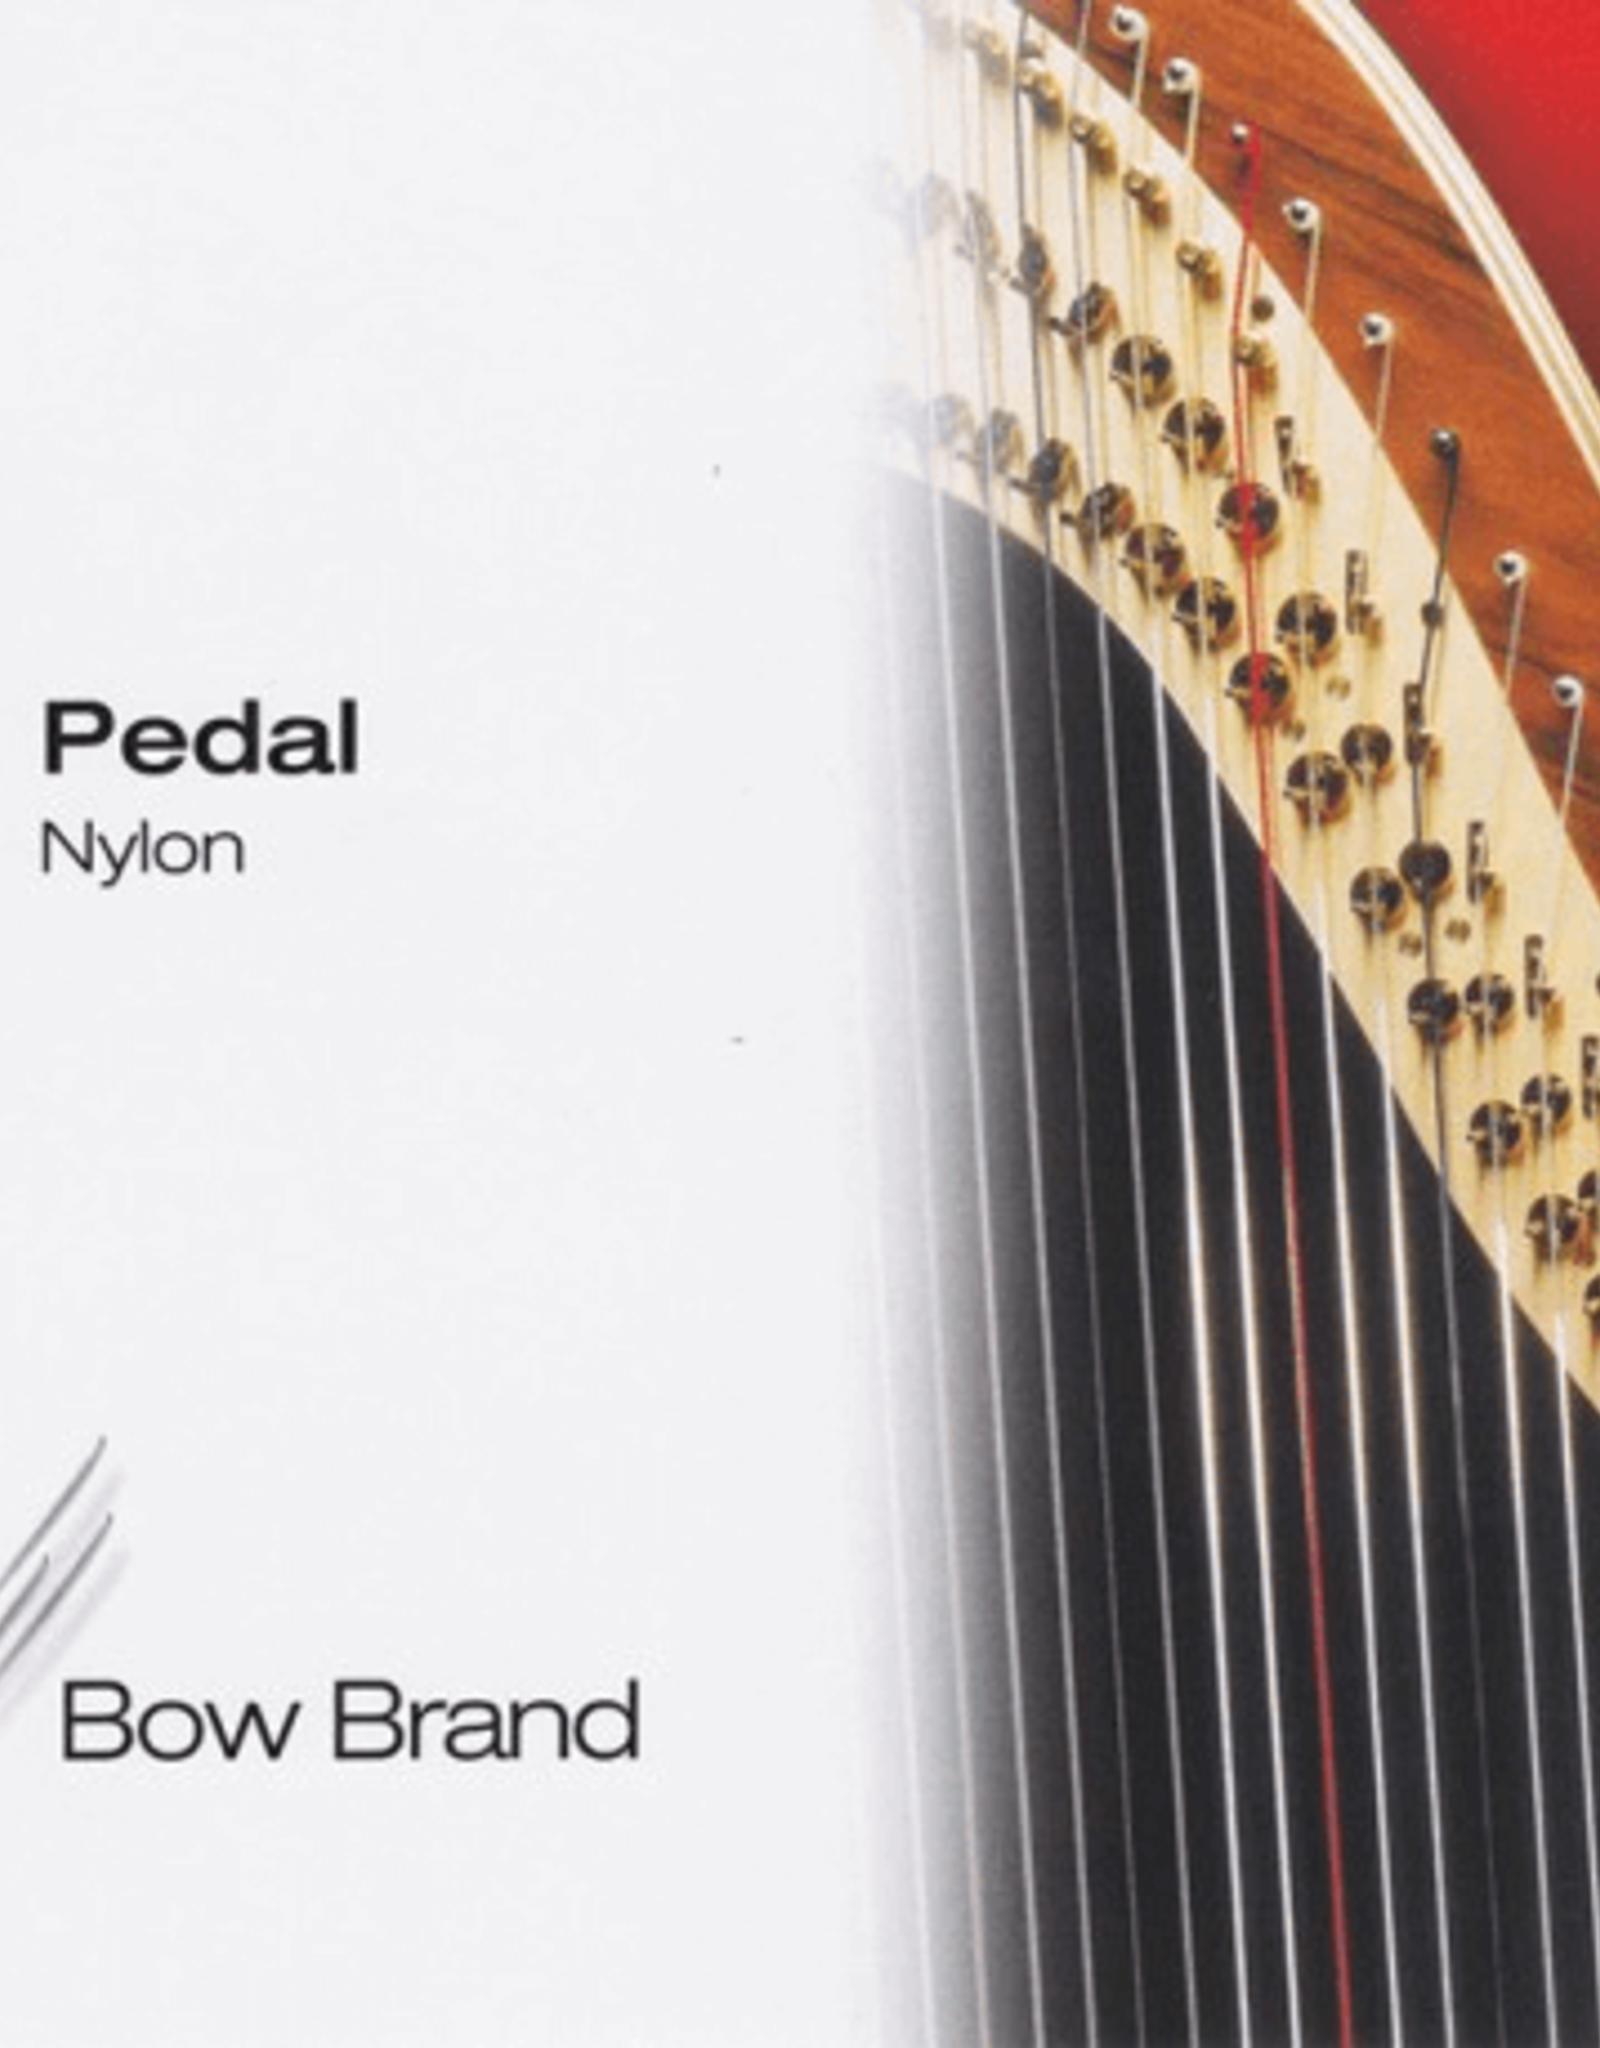 BOW BRAND  pedaal nylon - pedal NYLON 8/2  mi